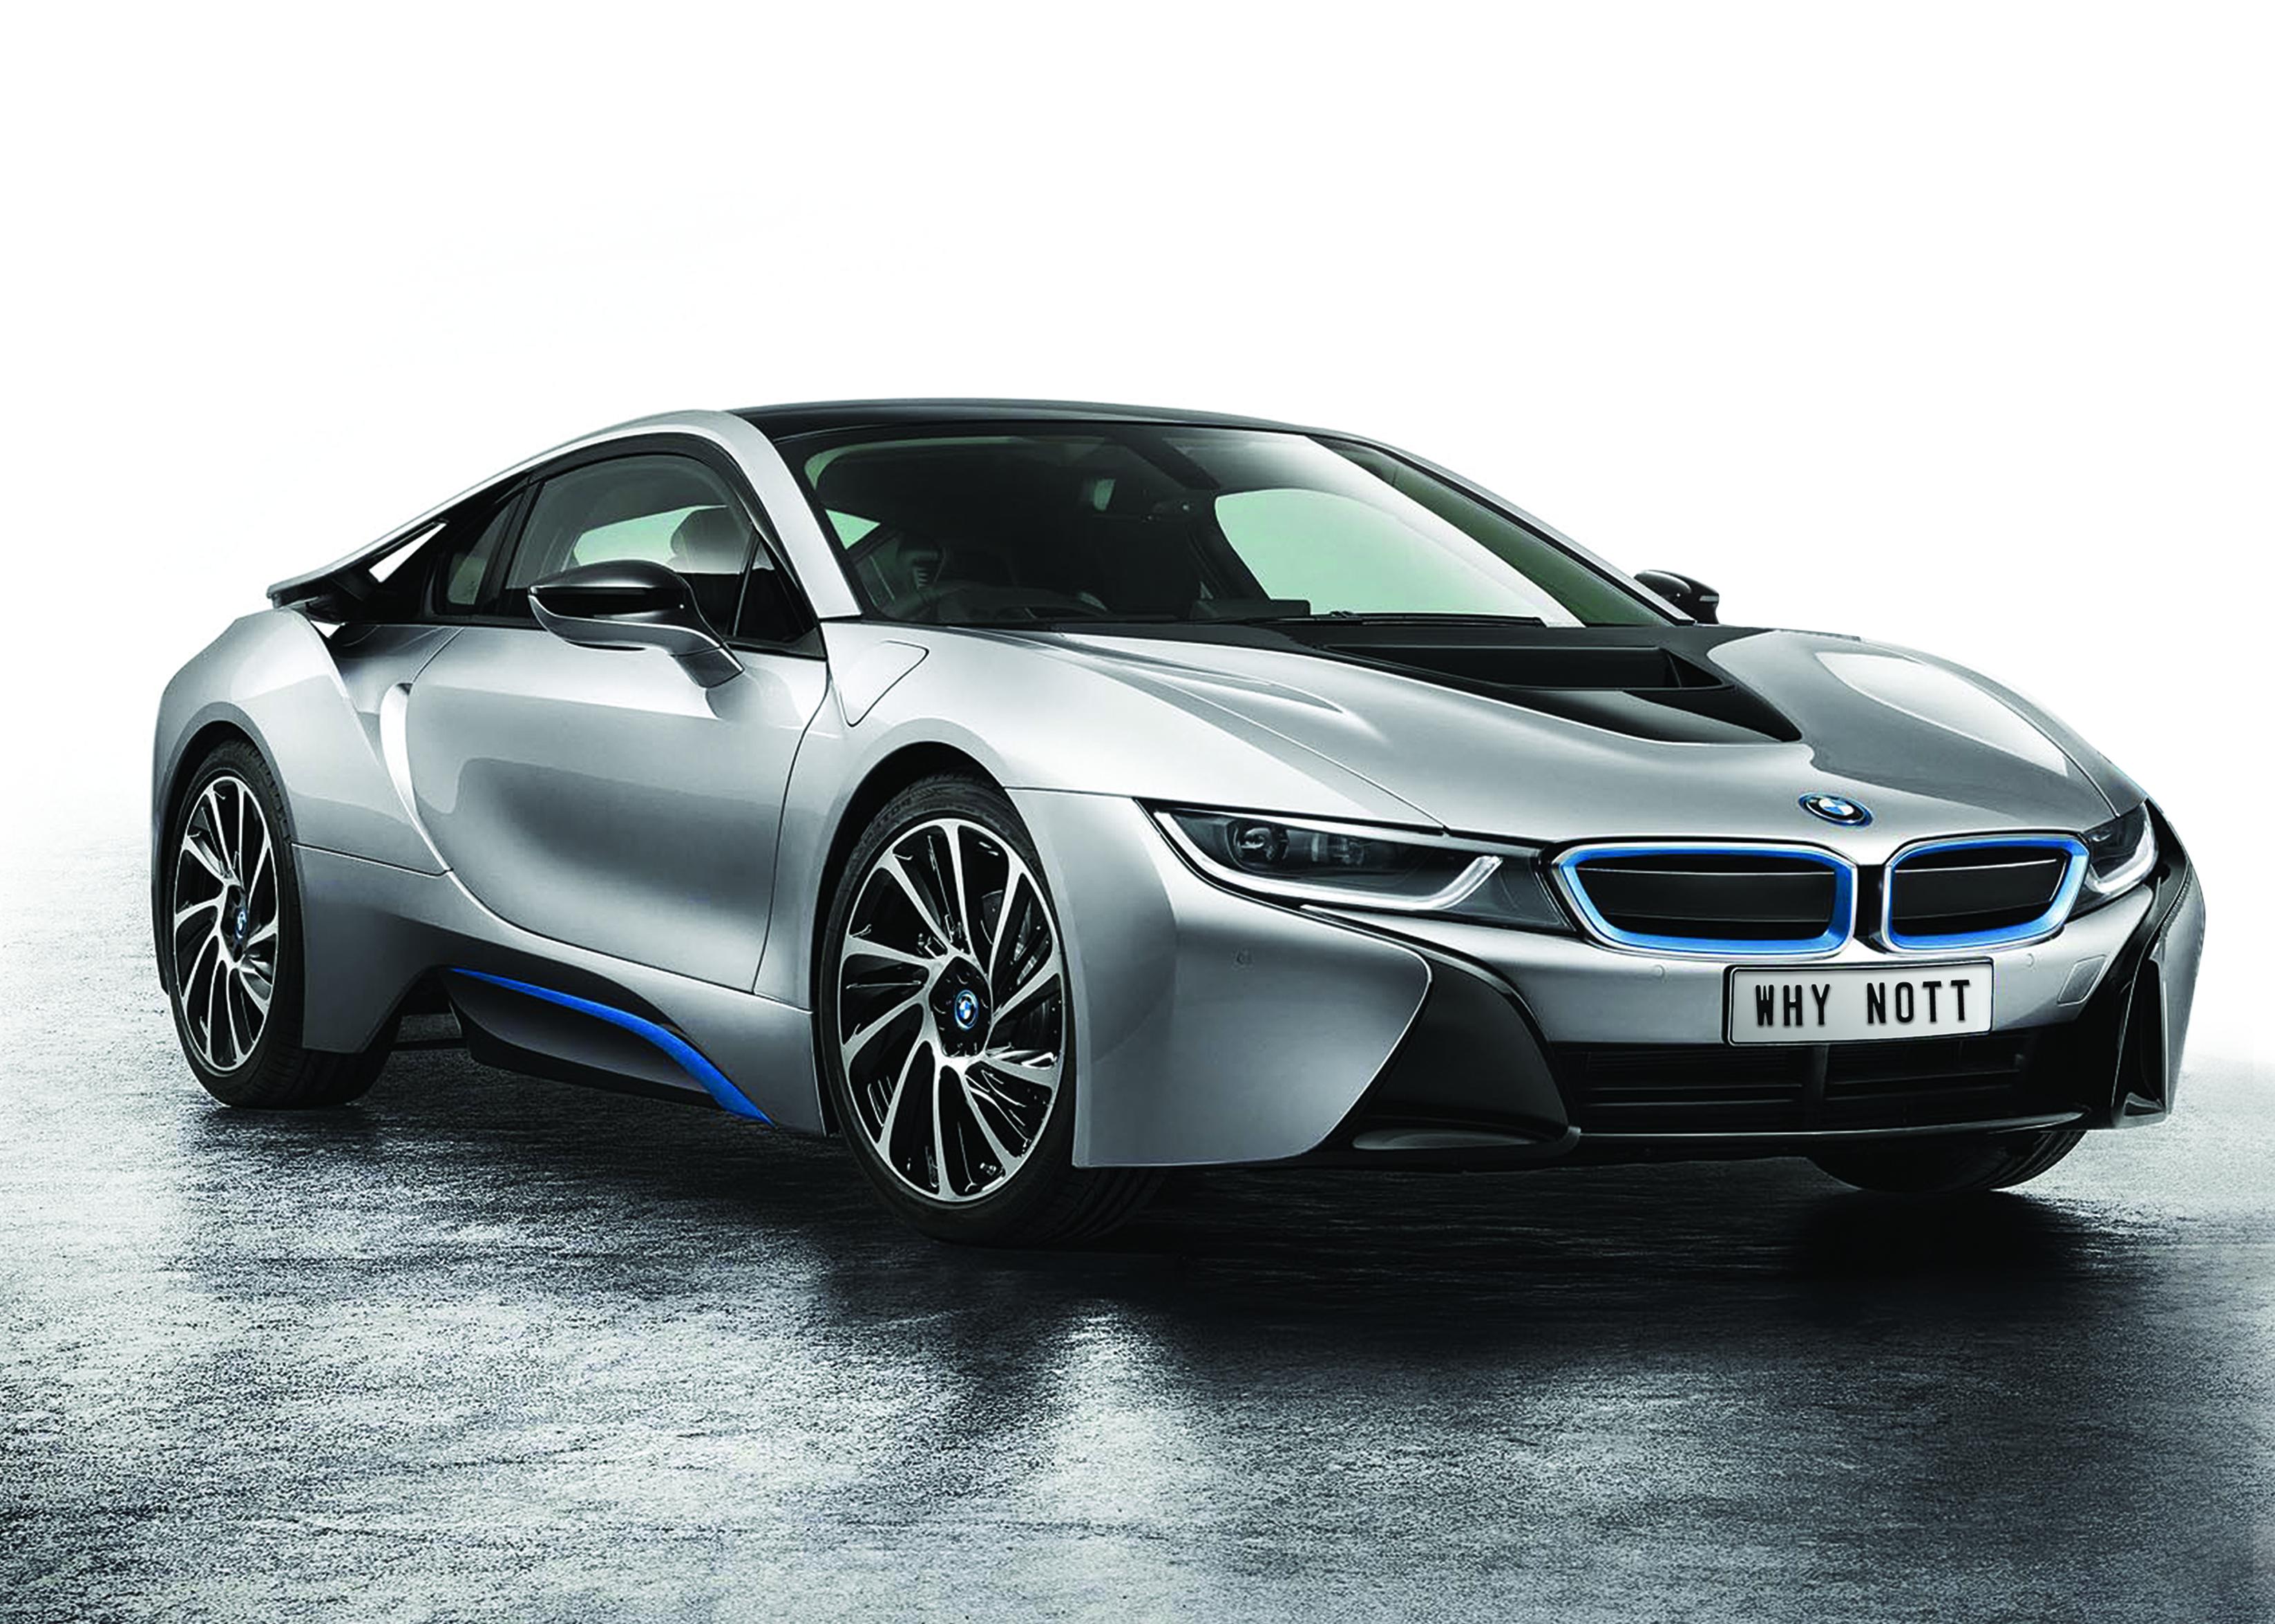 AutoSpa BMW i8